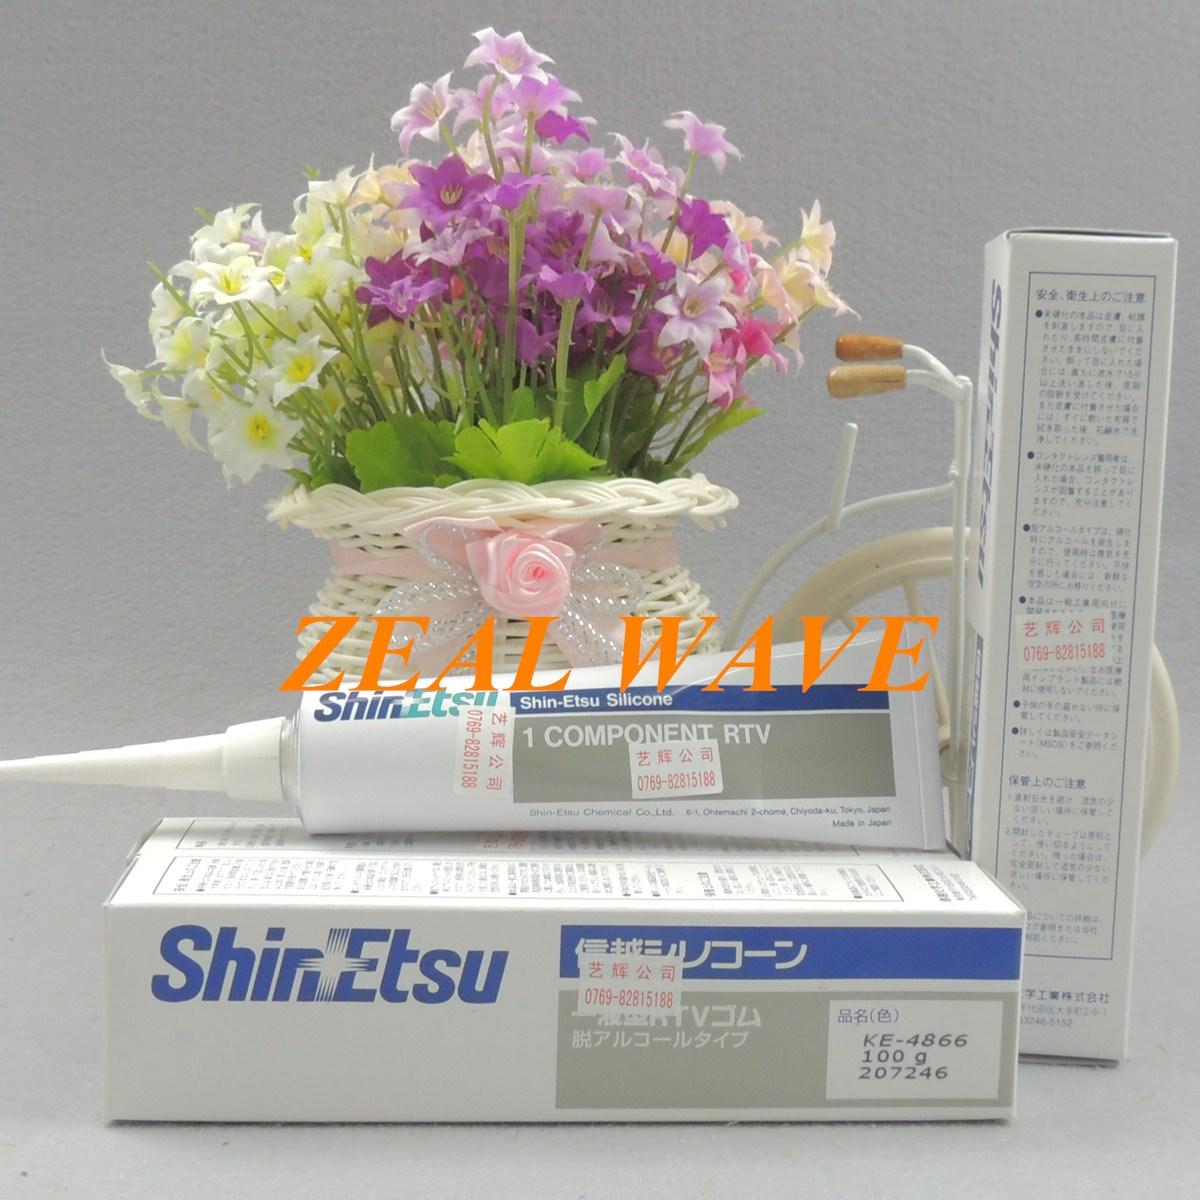 حقيقية ShinEtsu ShinEtsu KE-4866 الغراء تسرب الإلكترونية سيليكون المستوردة العازلة الغراء 1 فرع